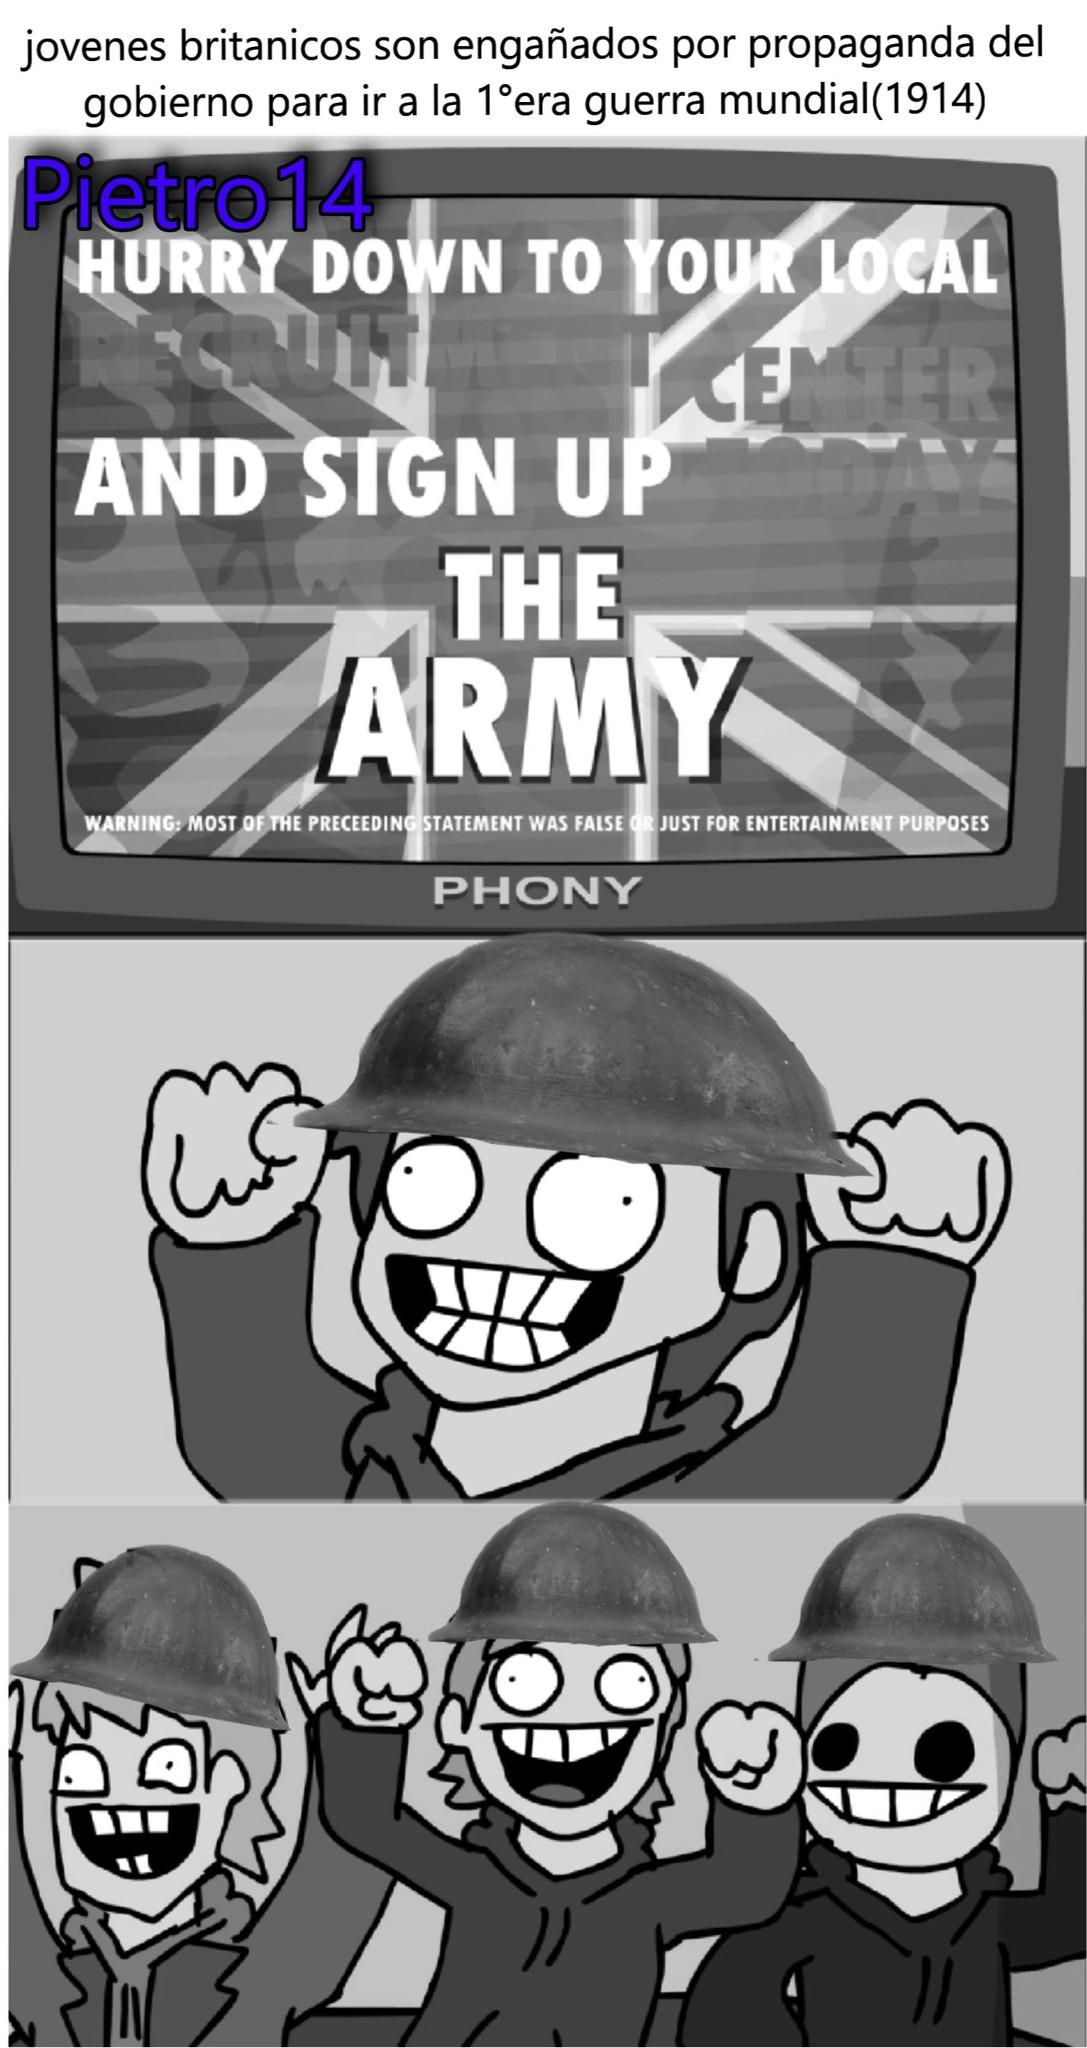 propaganda mentirosa - meme